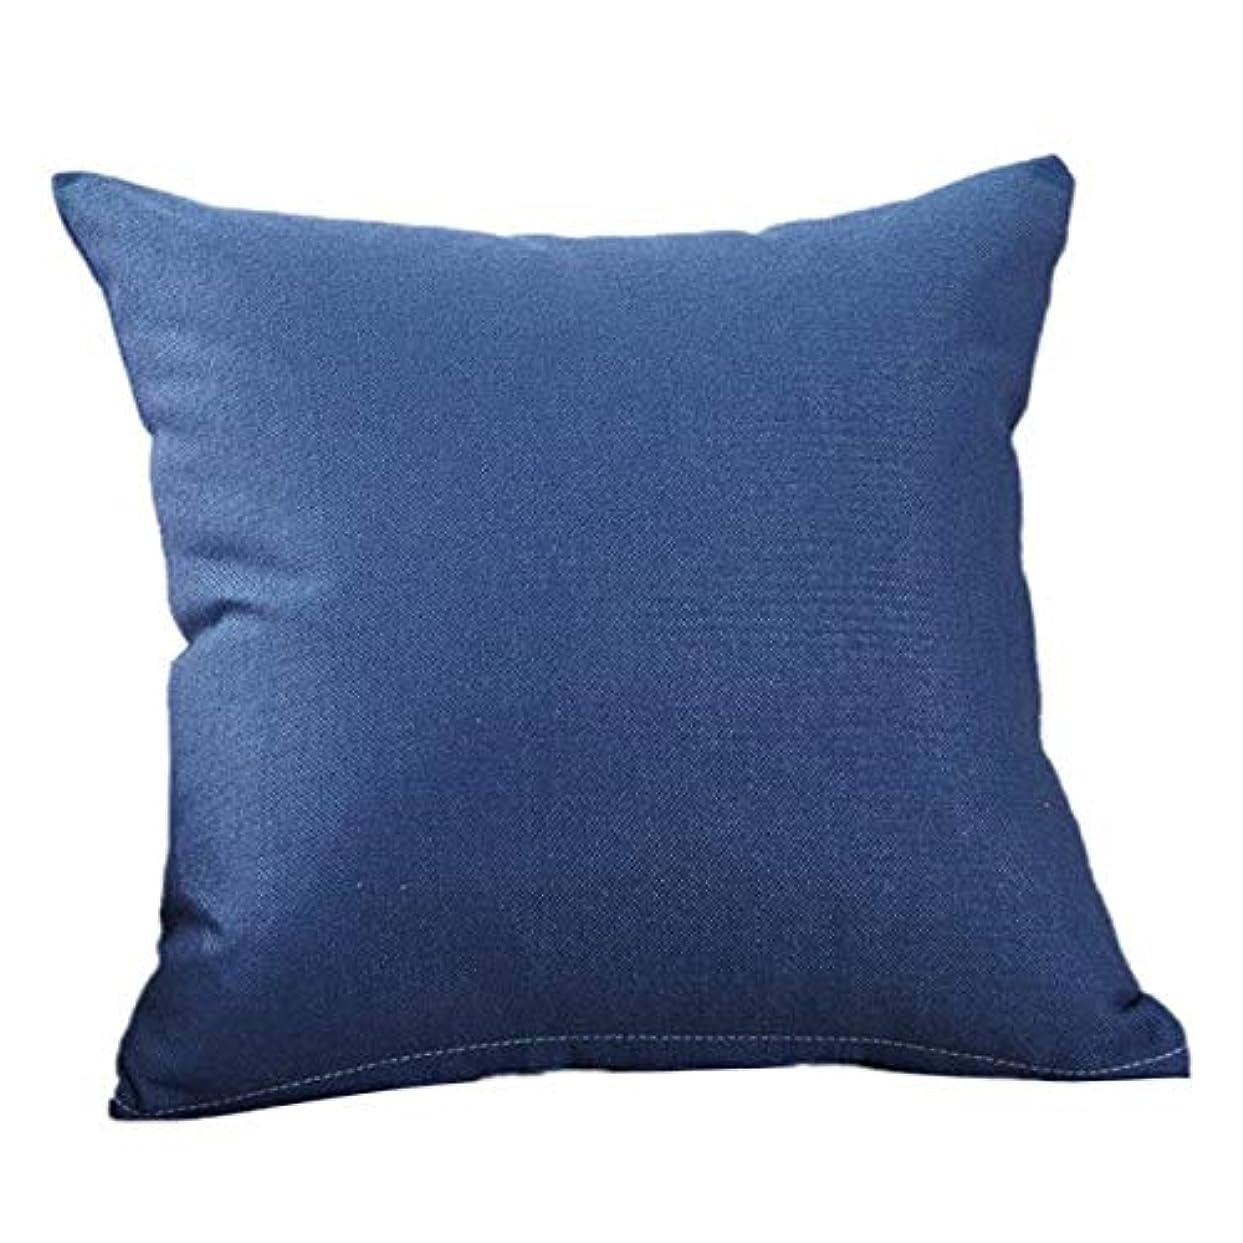 反逆者チップ禁止するLIFE クリエイティブシンプルなファッションスロー枕クッションカフェソファクッションのホームインテリア z0403# G20 クッション 椅子